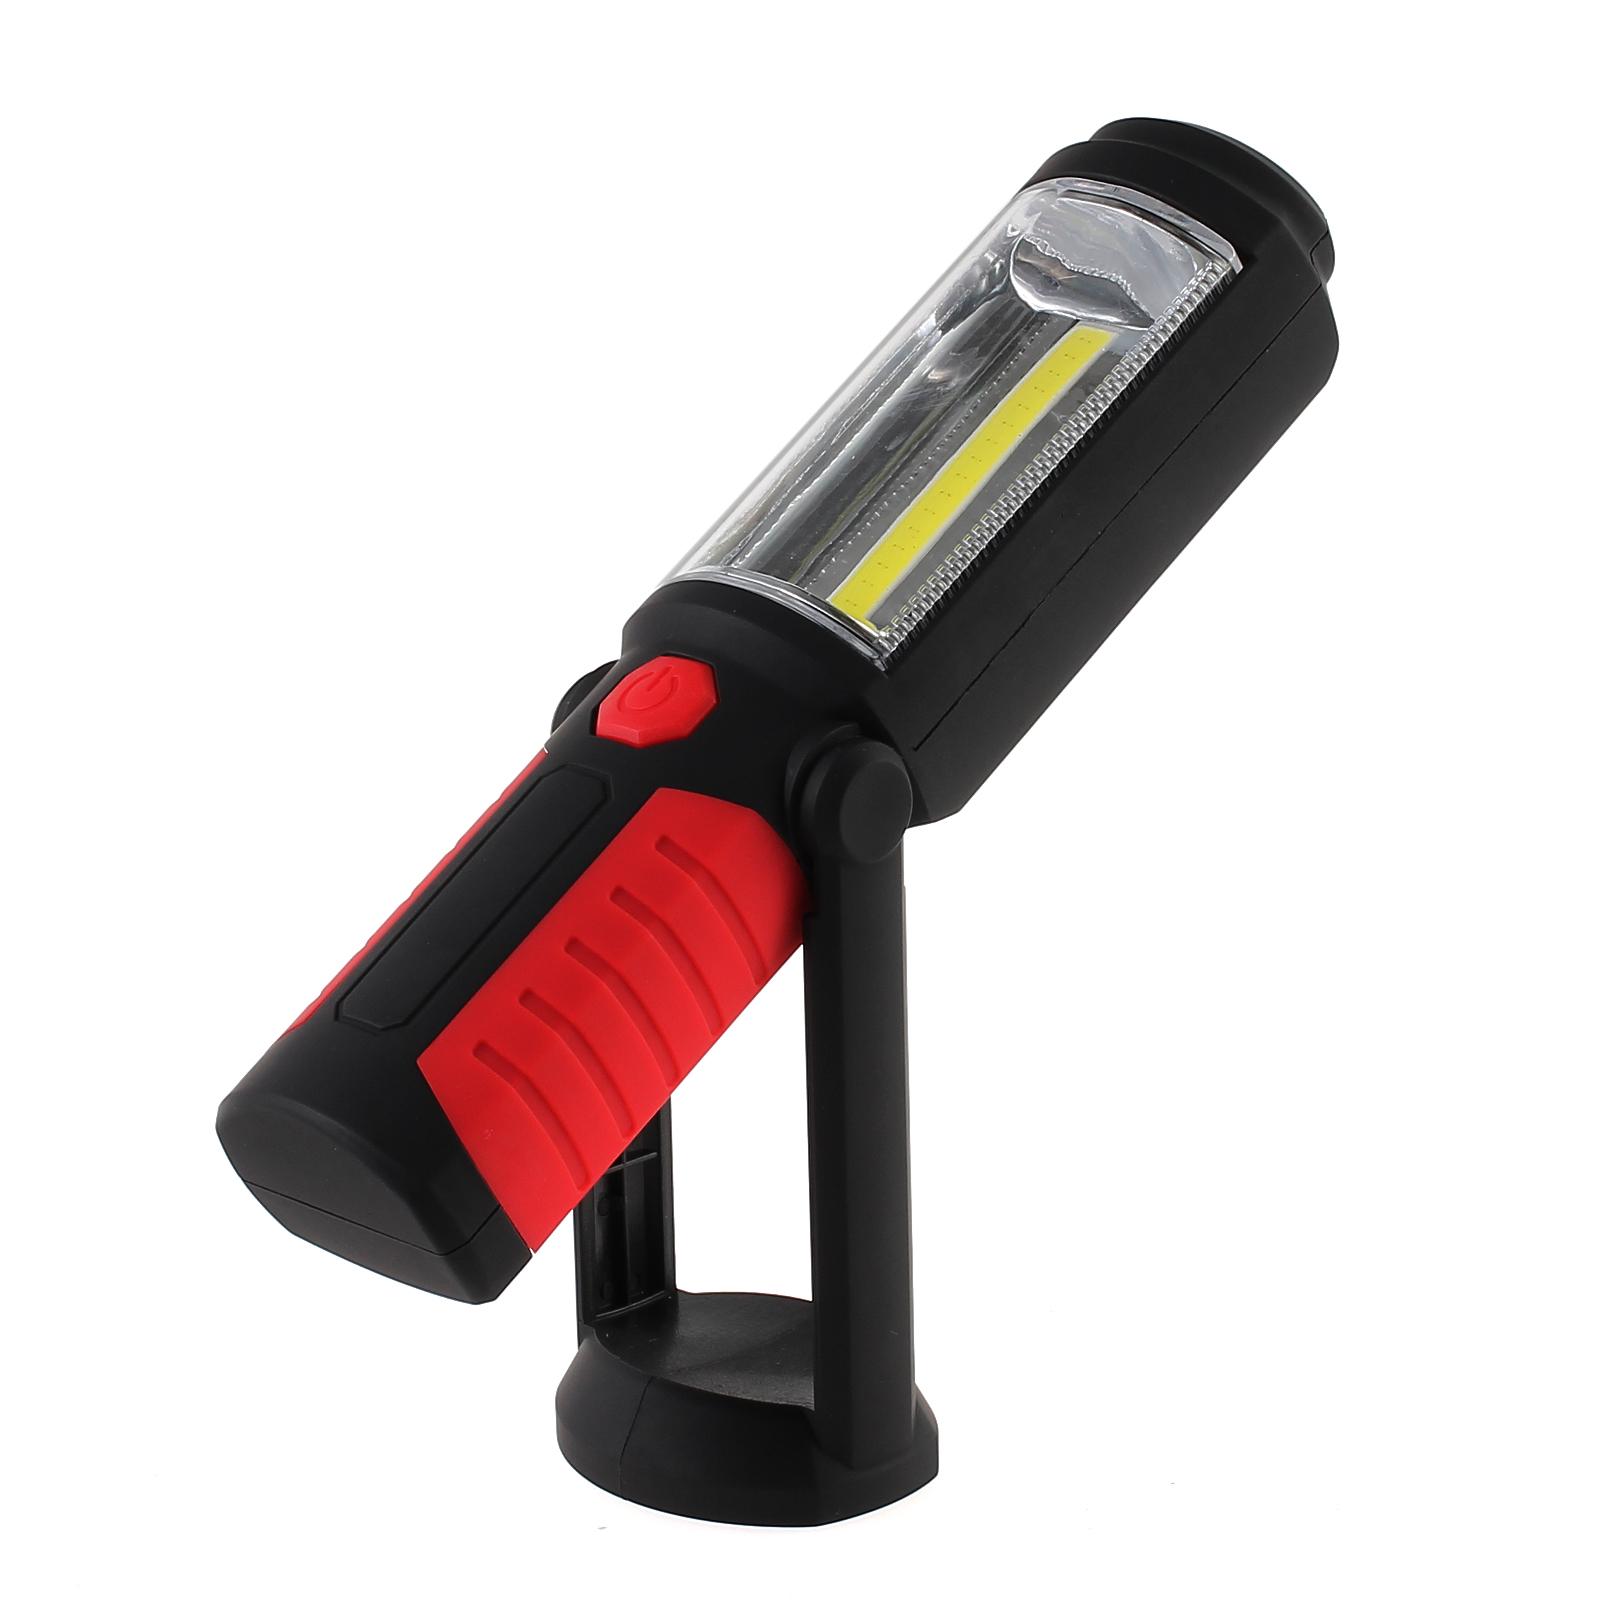 COB Arbeitsleuchte LED AKKU KFZ Taschenlampe Stablampe Werkstatt Lampe Handlampe